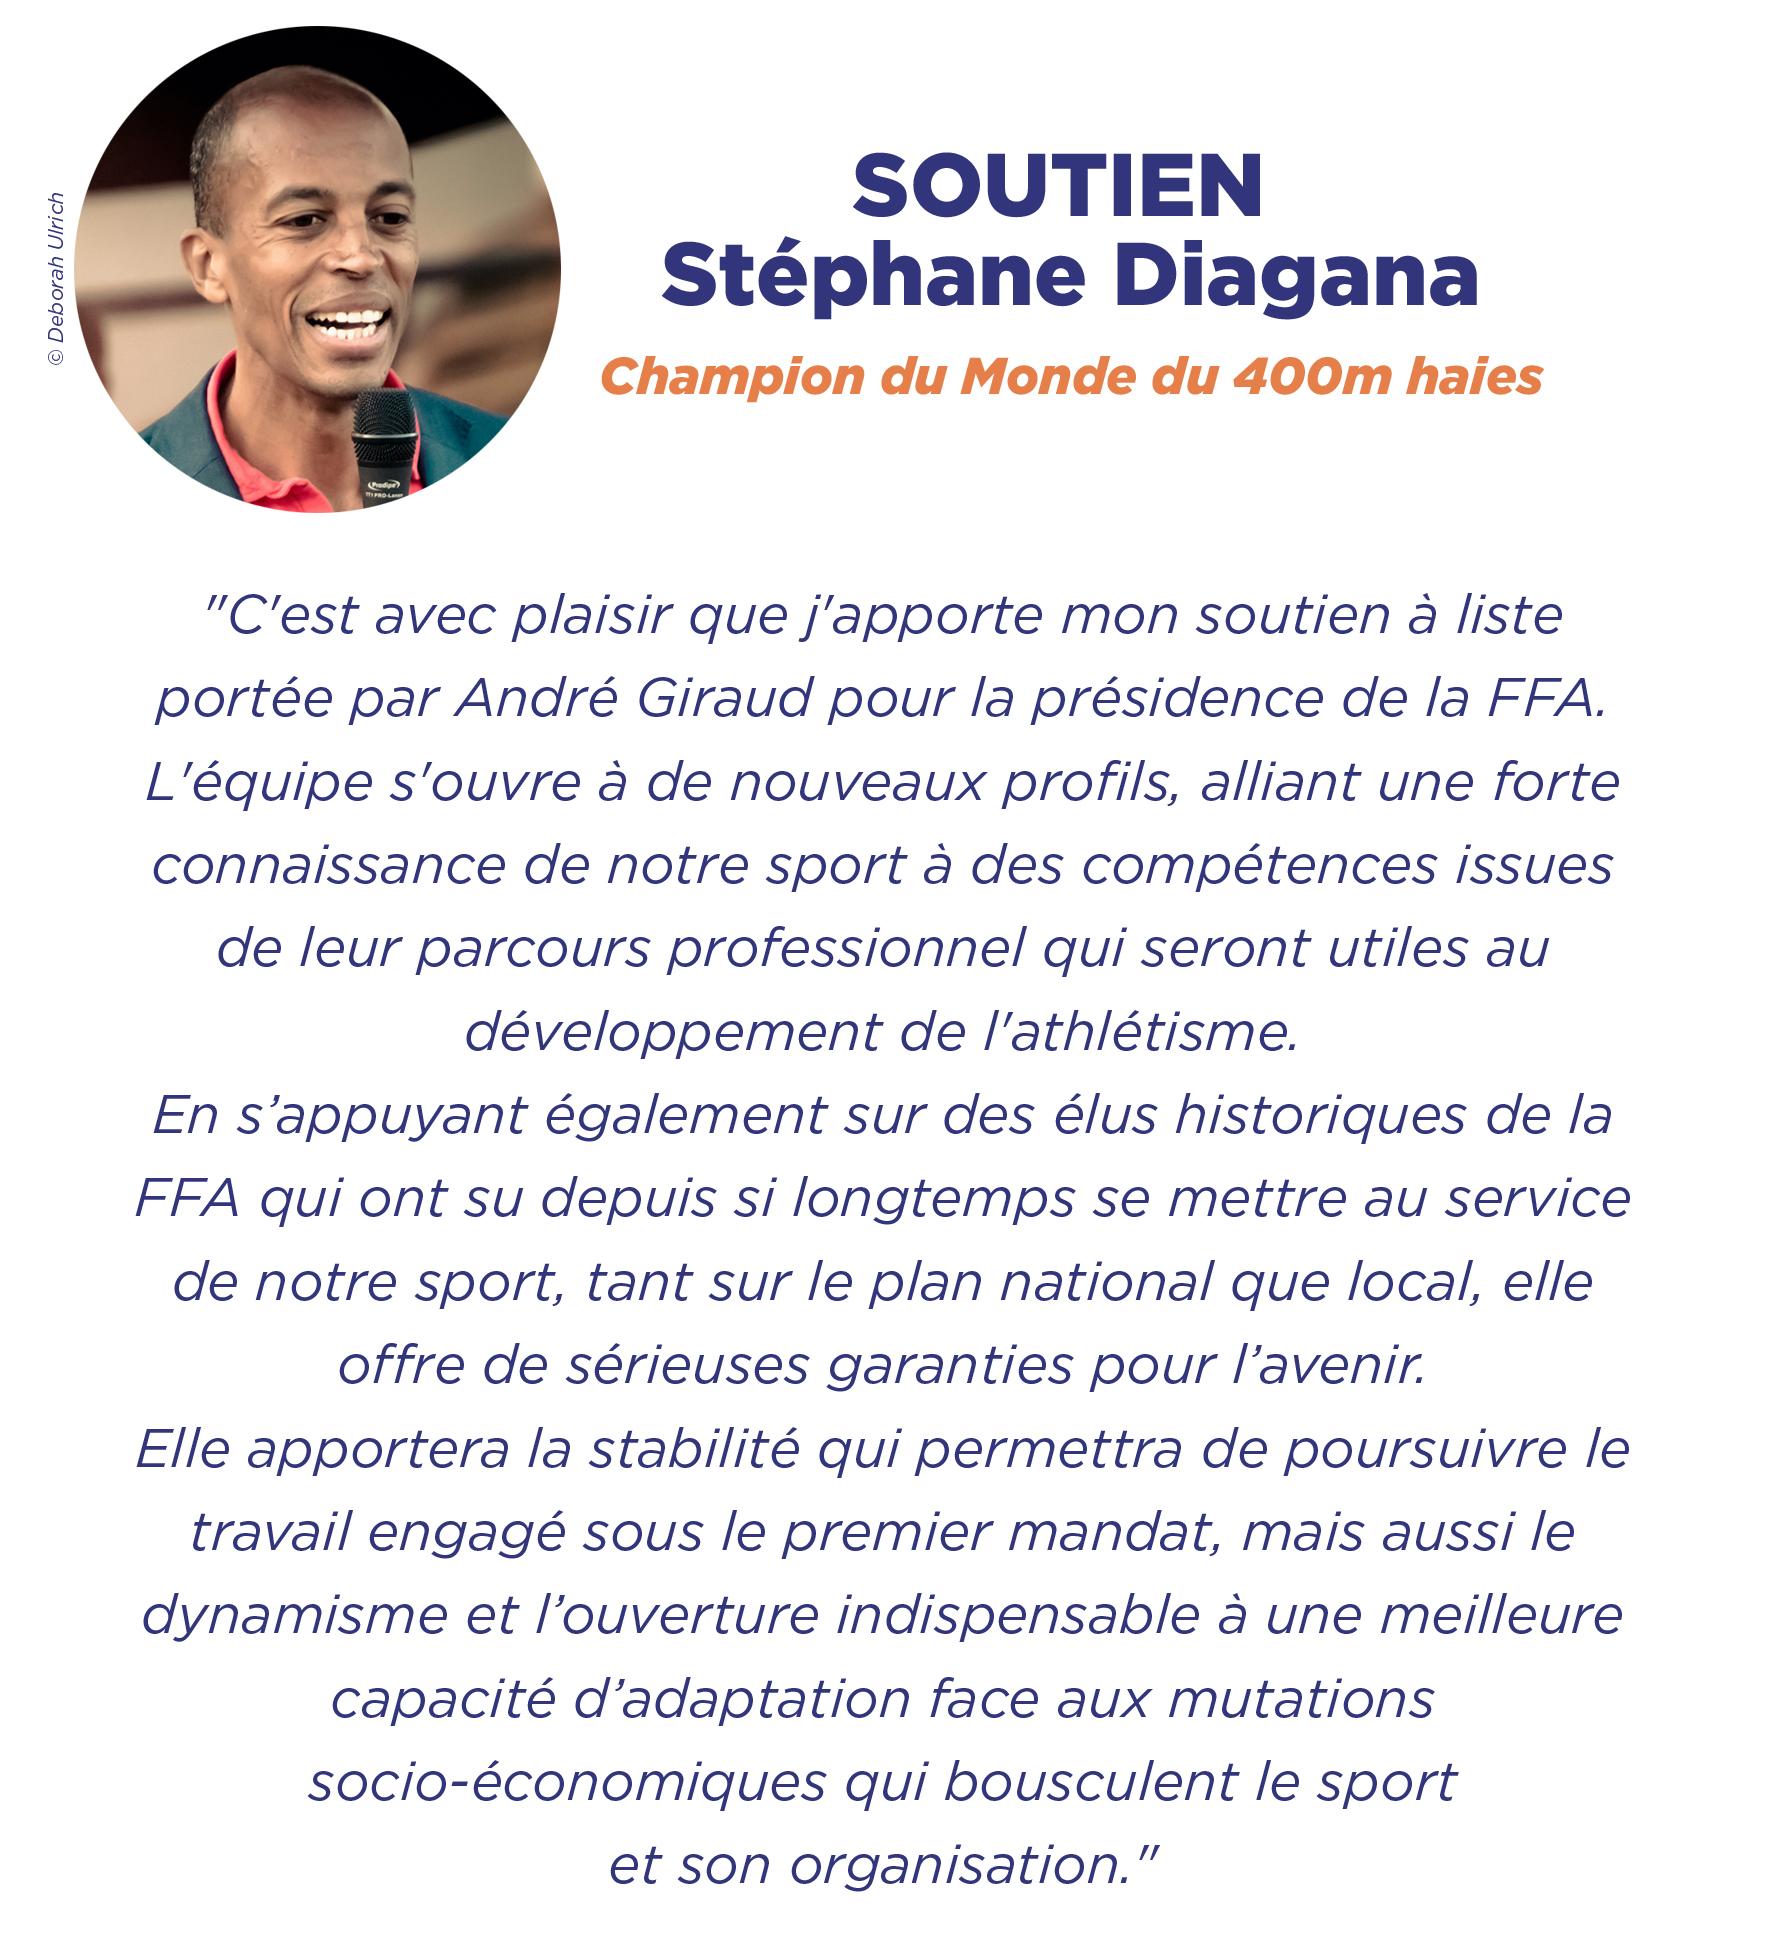 Soutien Stéphane Diagana